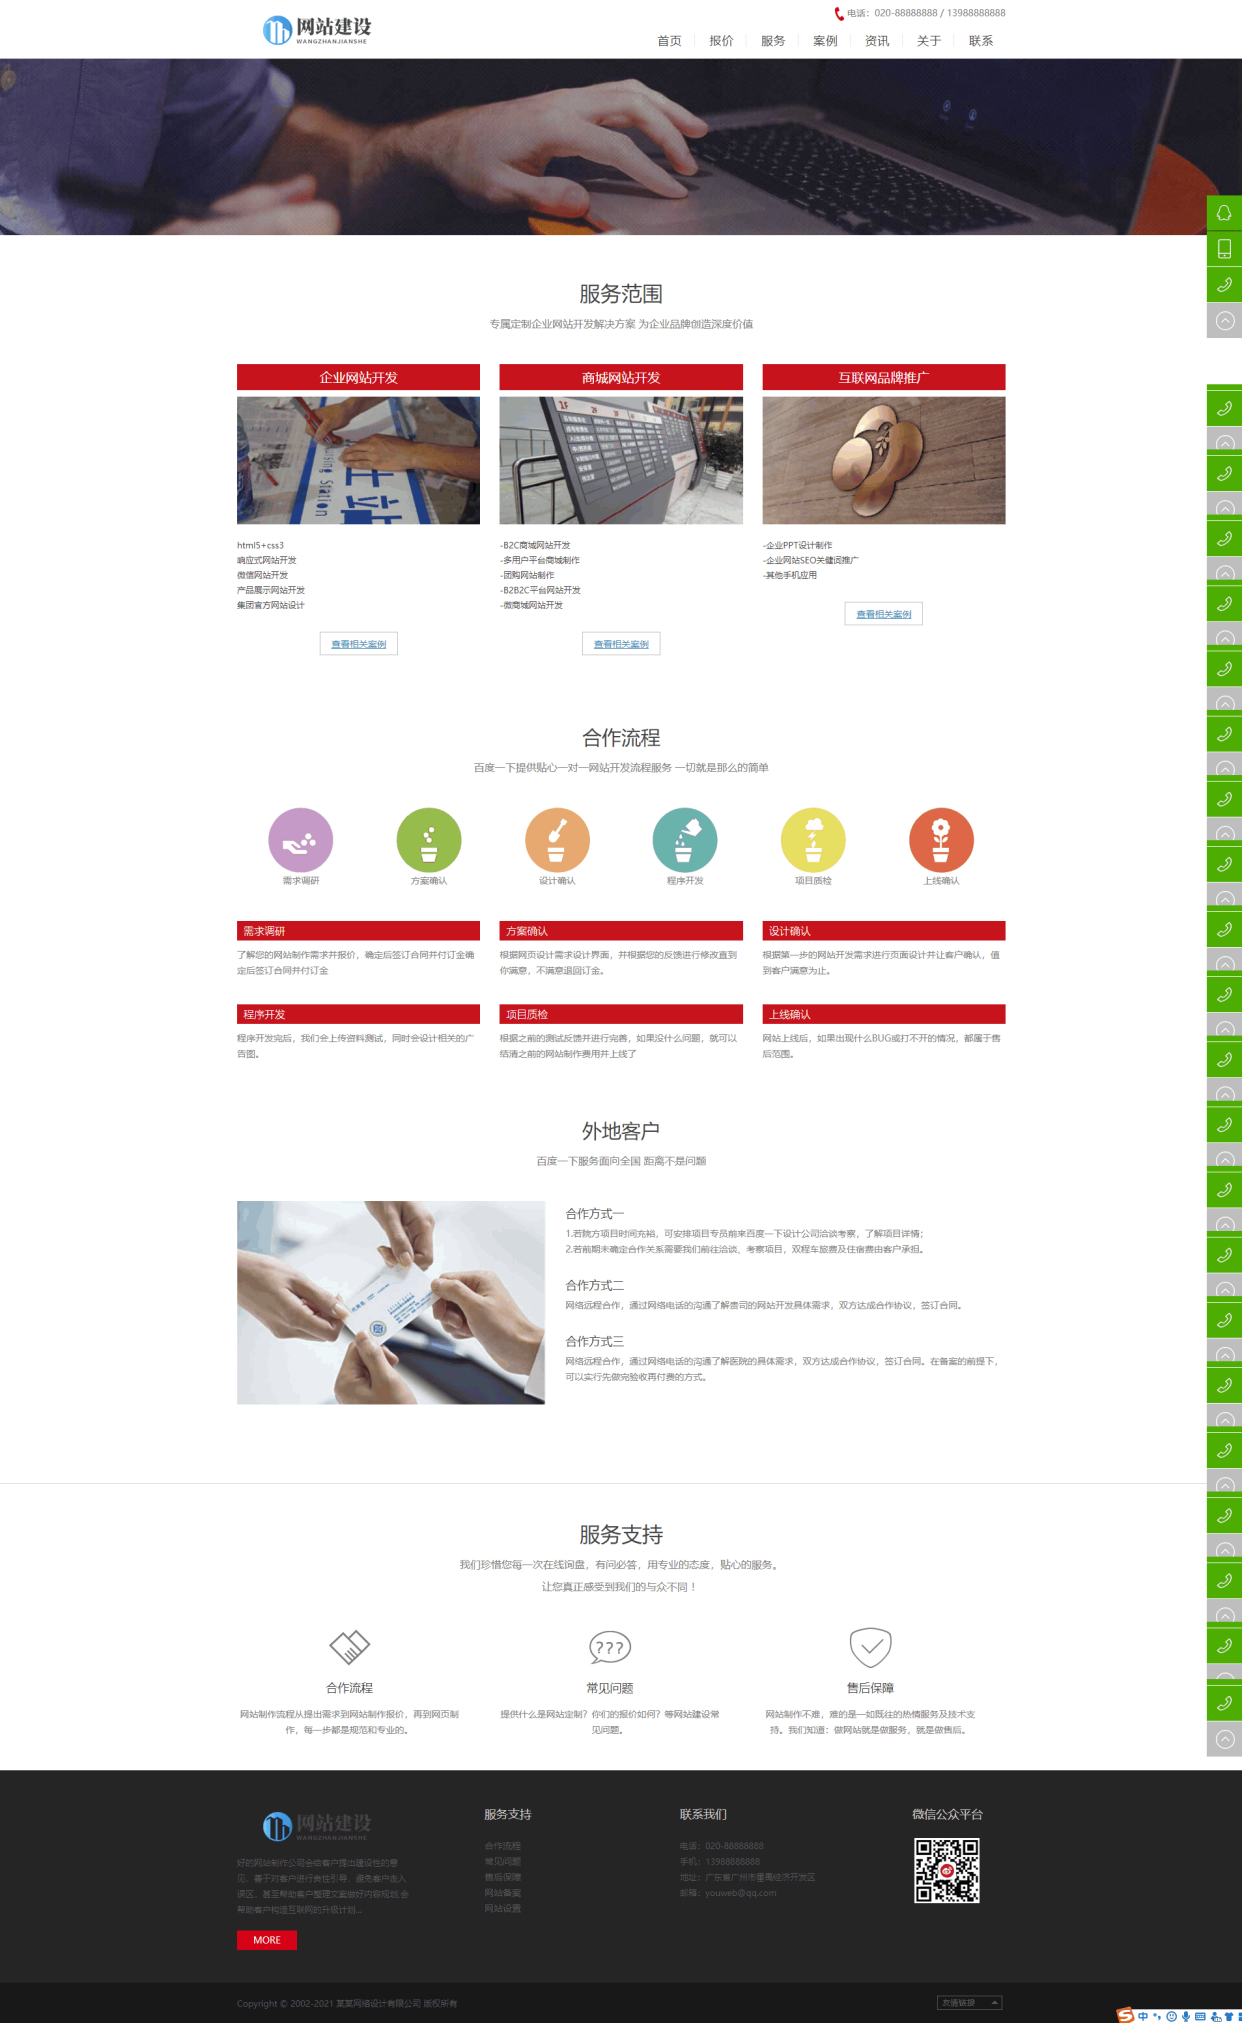 基于ThinkPHP5框架开发的响应式H5可视化网站网络设计公司网站PHP源码 PHP框架 第3张